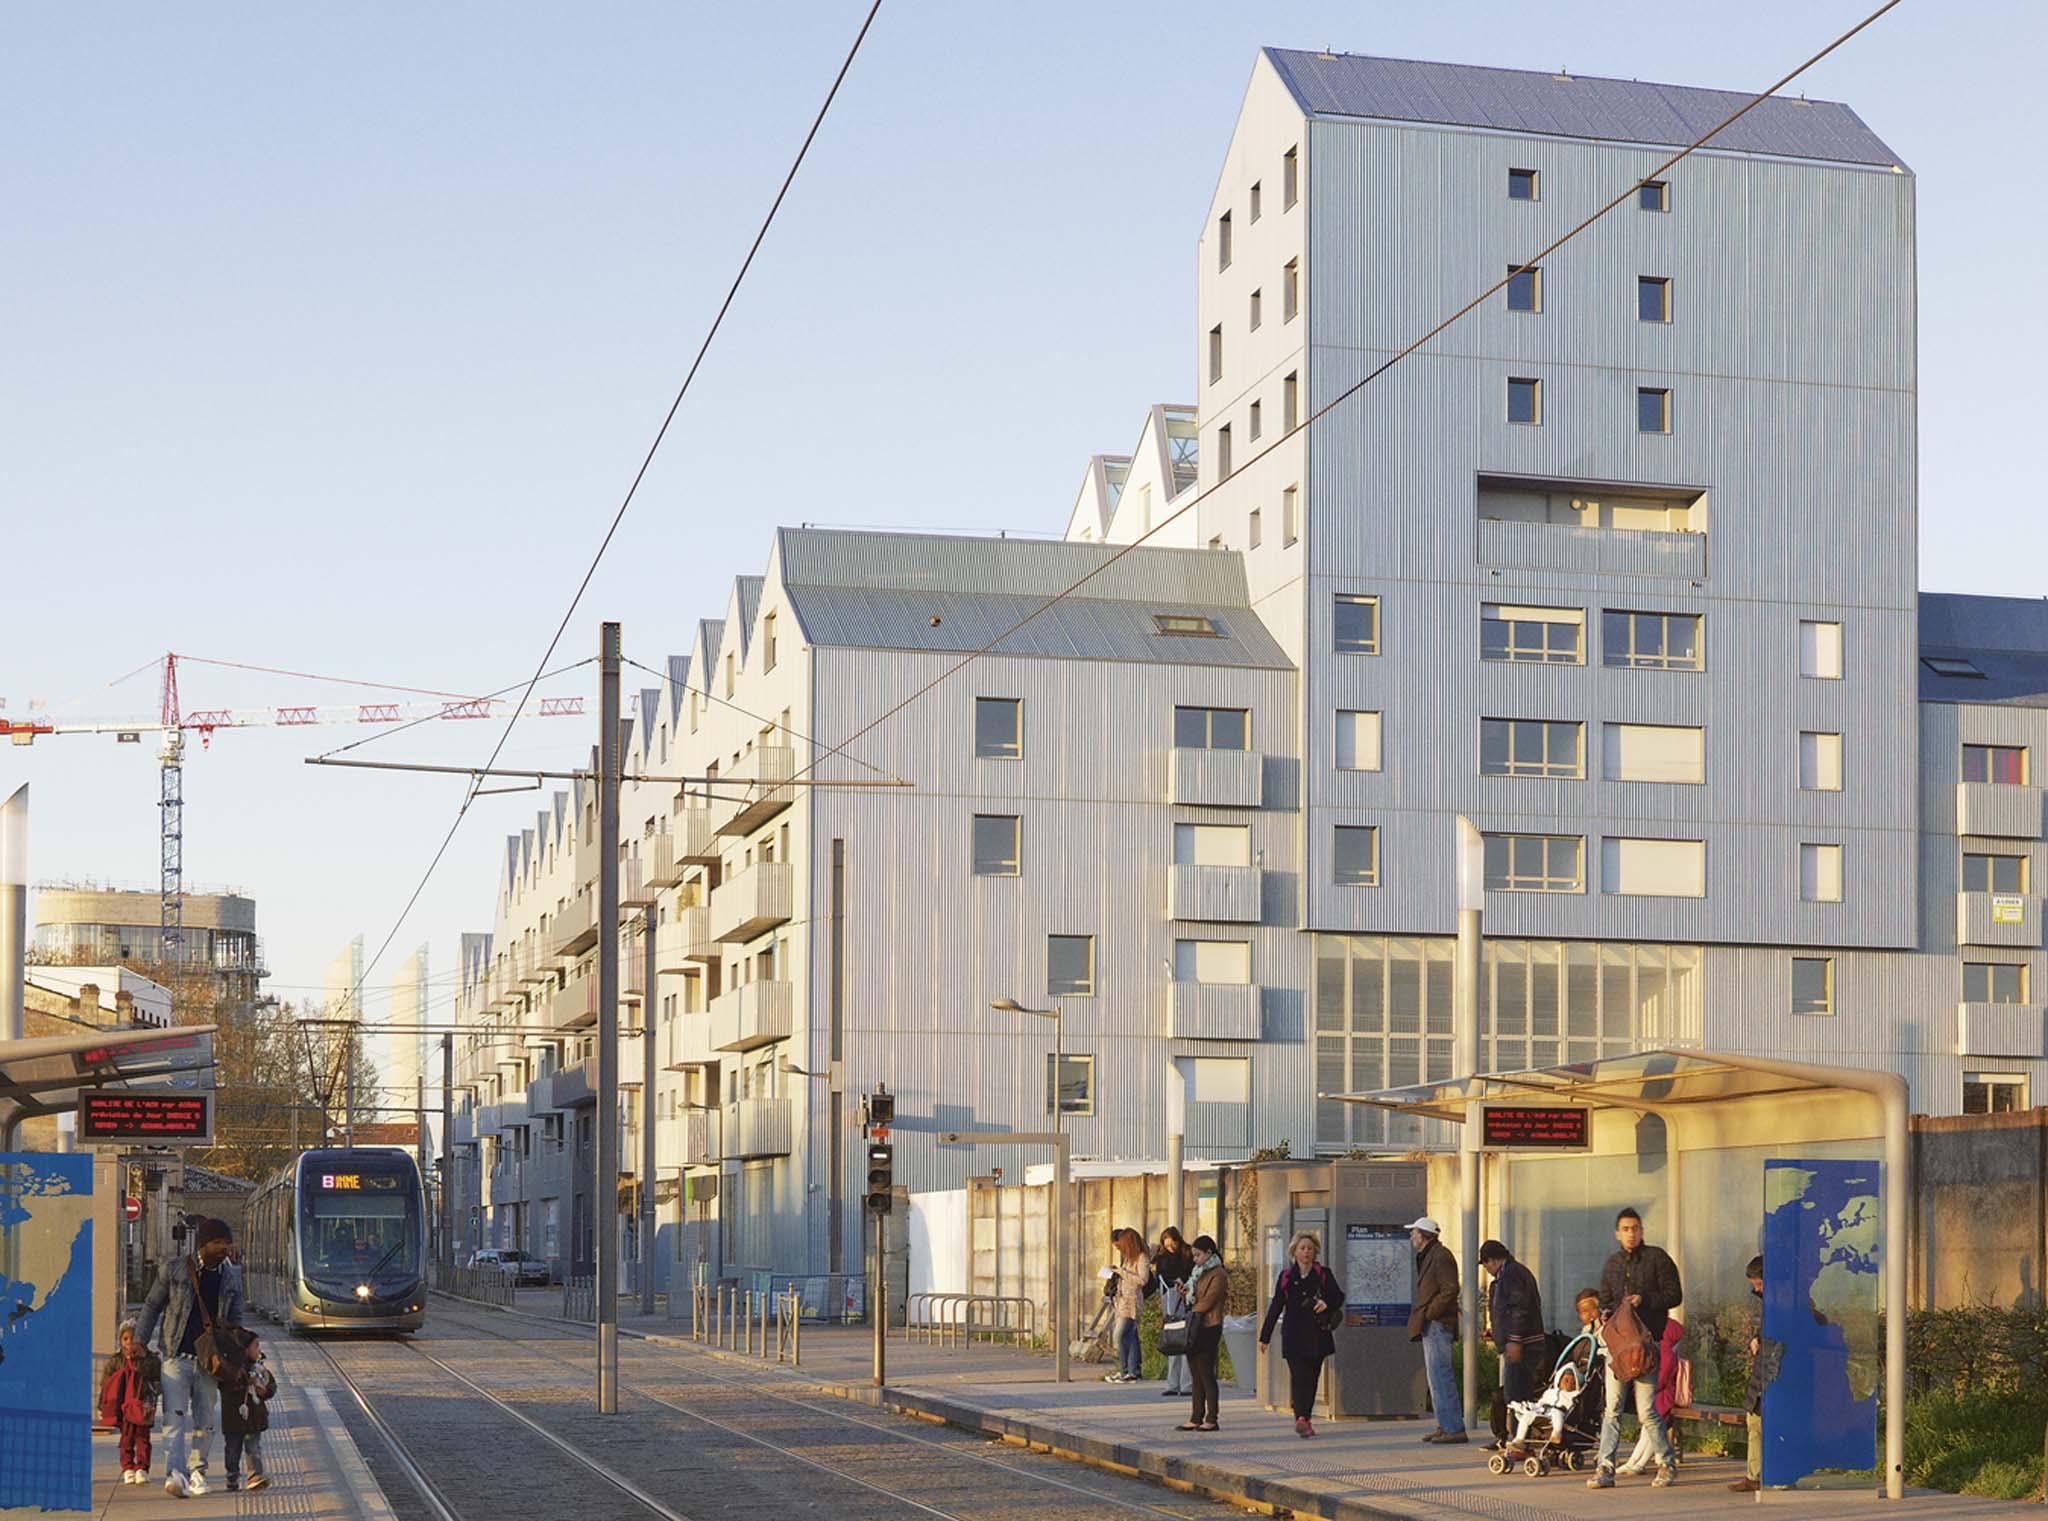 345 logements collectifs bordeaux anma for Bordeaux logement